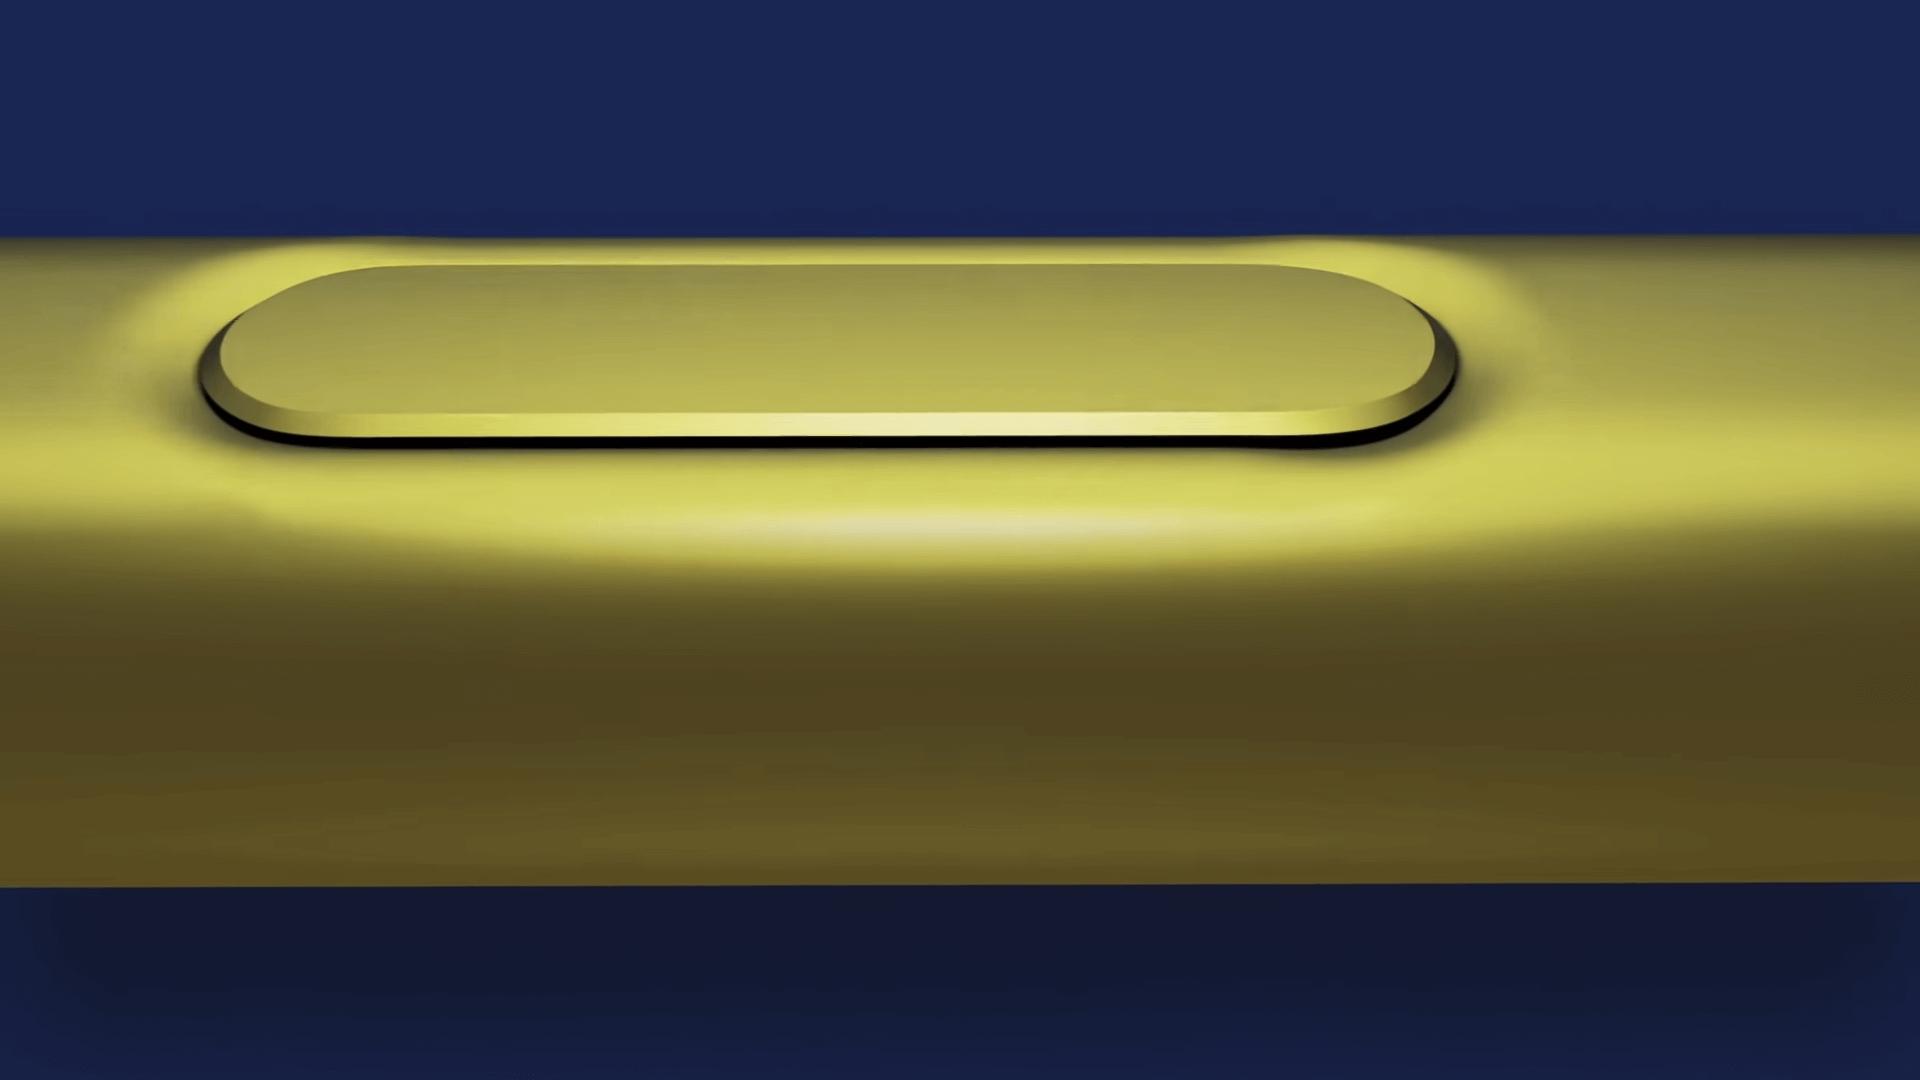 Samsung revela data de lançamento do Galaxy Note 9